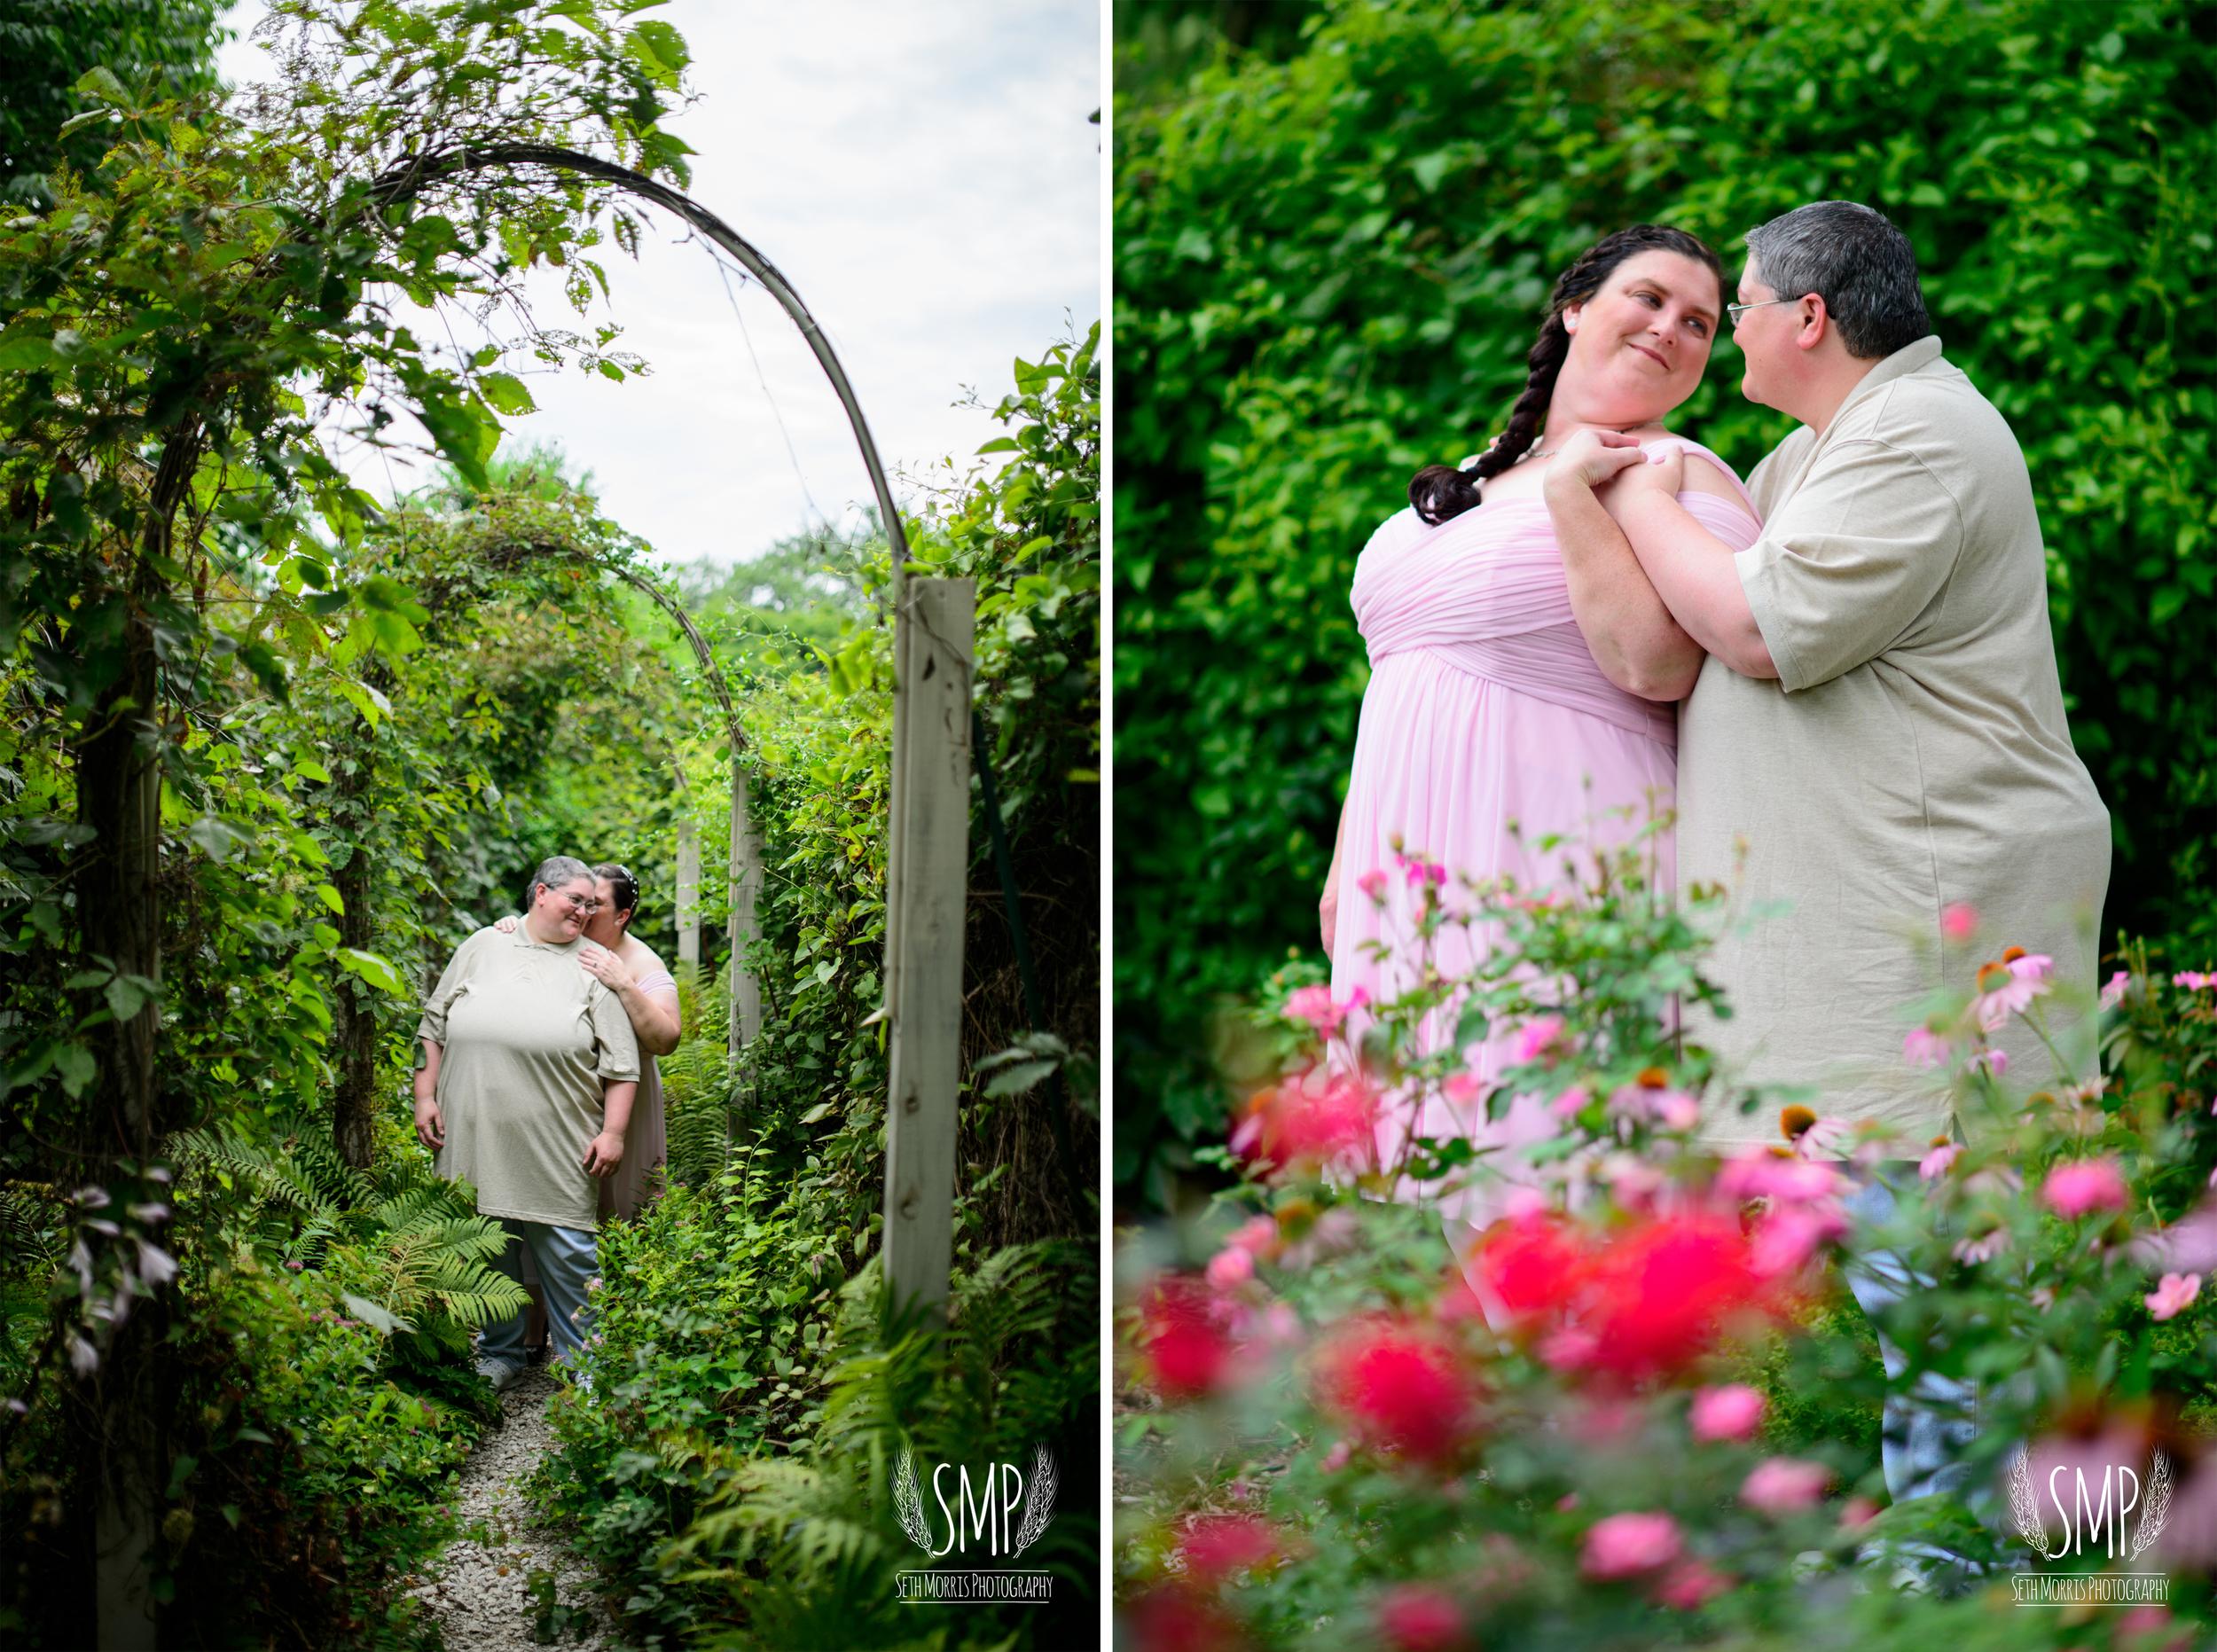 garden-engagement-session-40.jpg